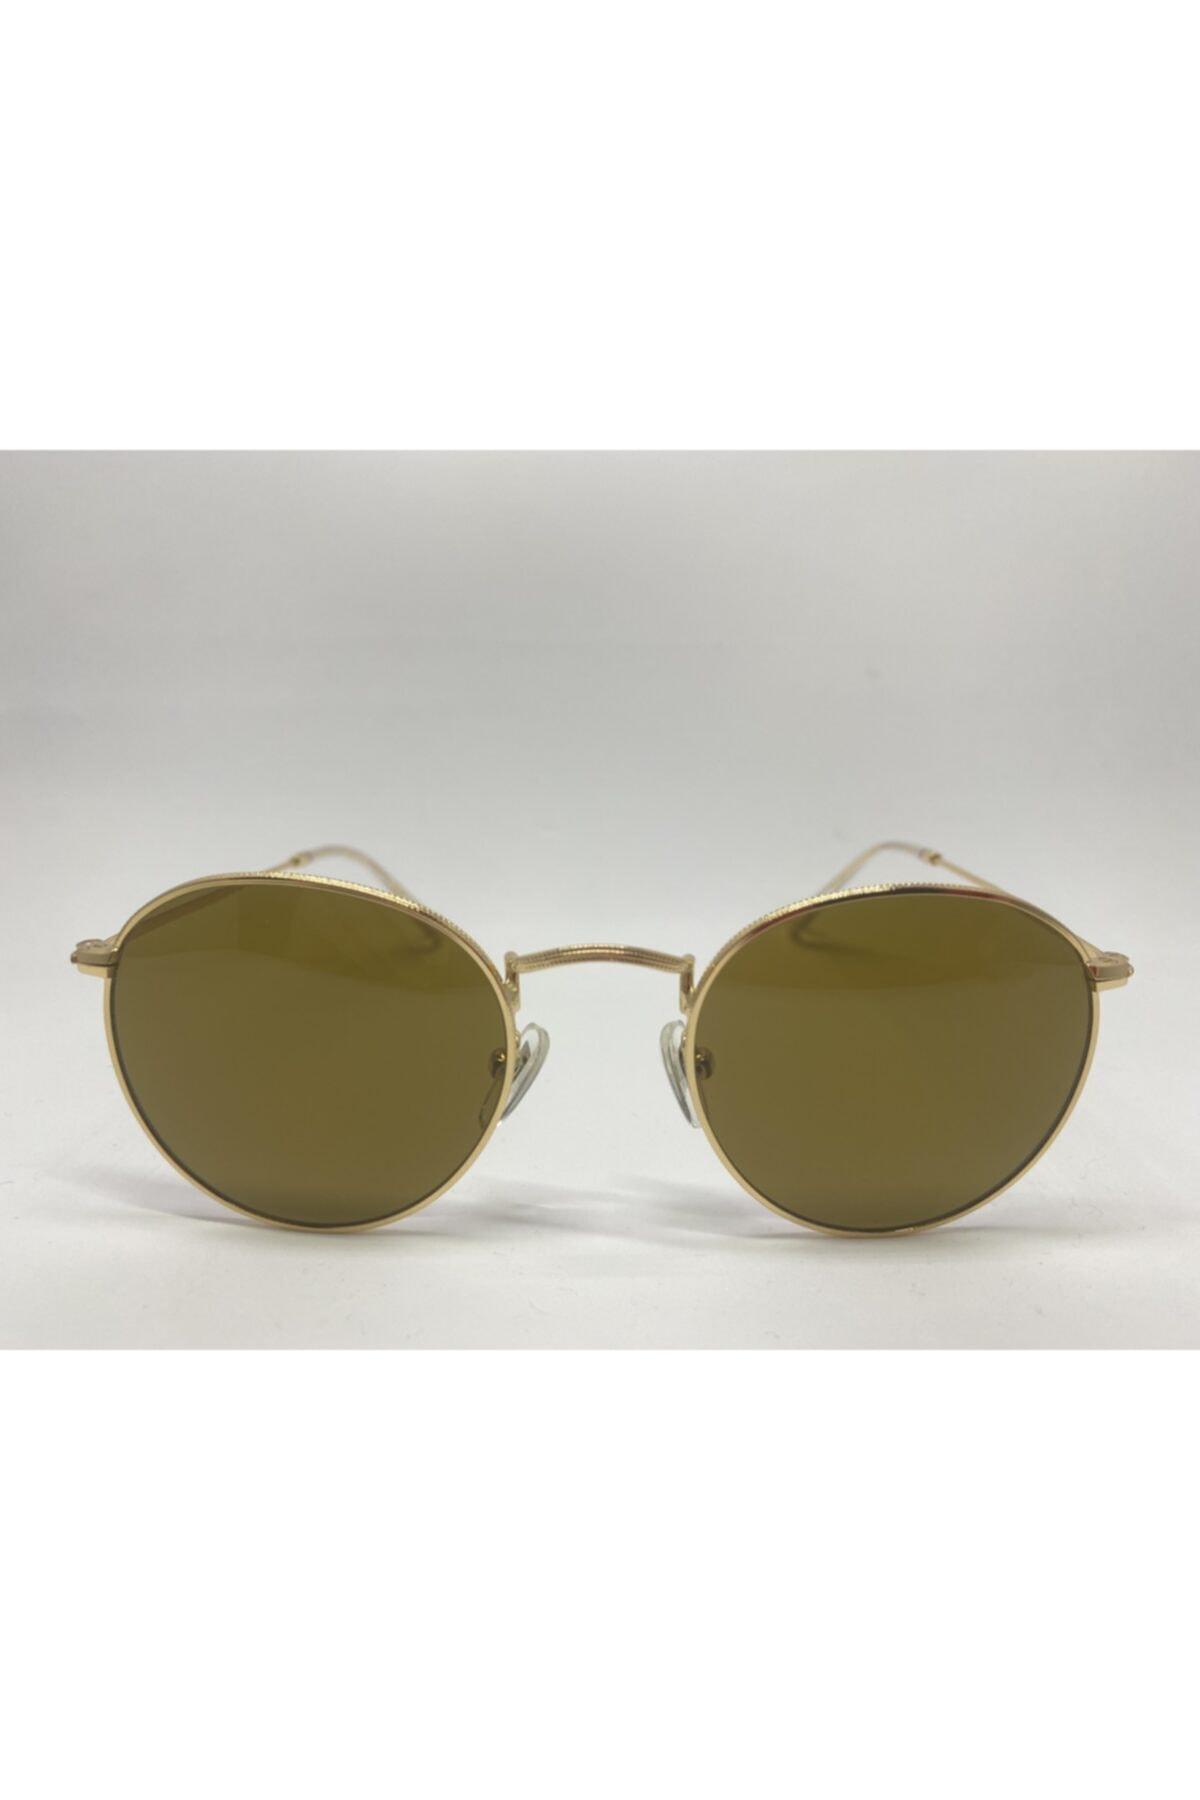 مدل عینک آفتابی 2020 برند Lost رنگ قهوه ای کد ty67966075